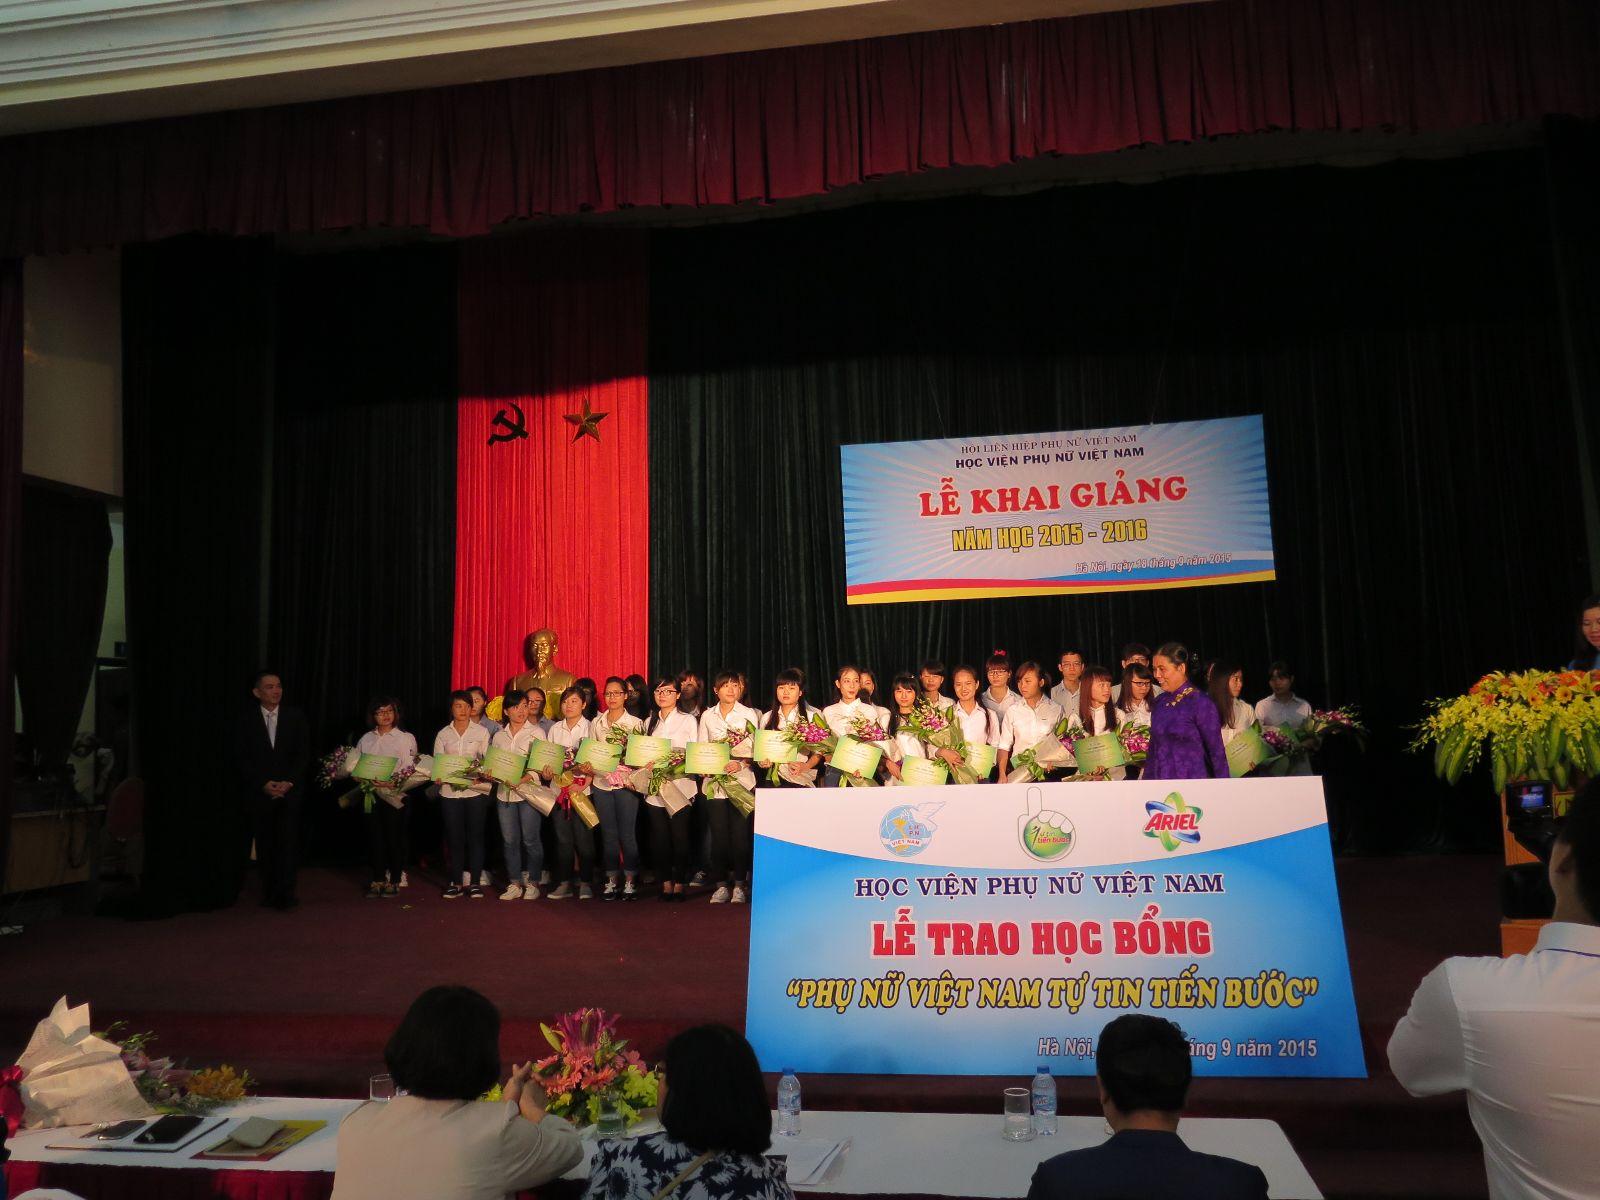 Báo Dân trí: Học viện Phụ nữ Việt Nam - Môi trường học tập hiện đại, sáng tạo và linh hoạt cho sinh viên